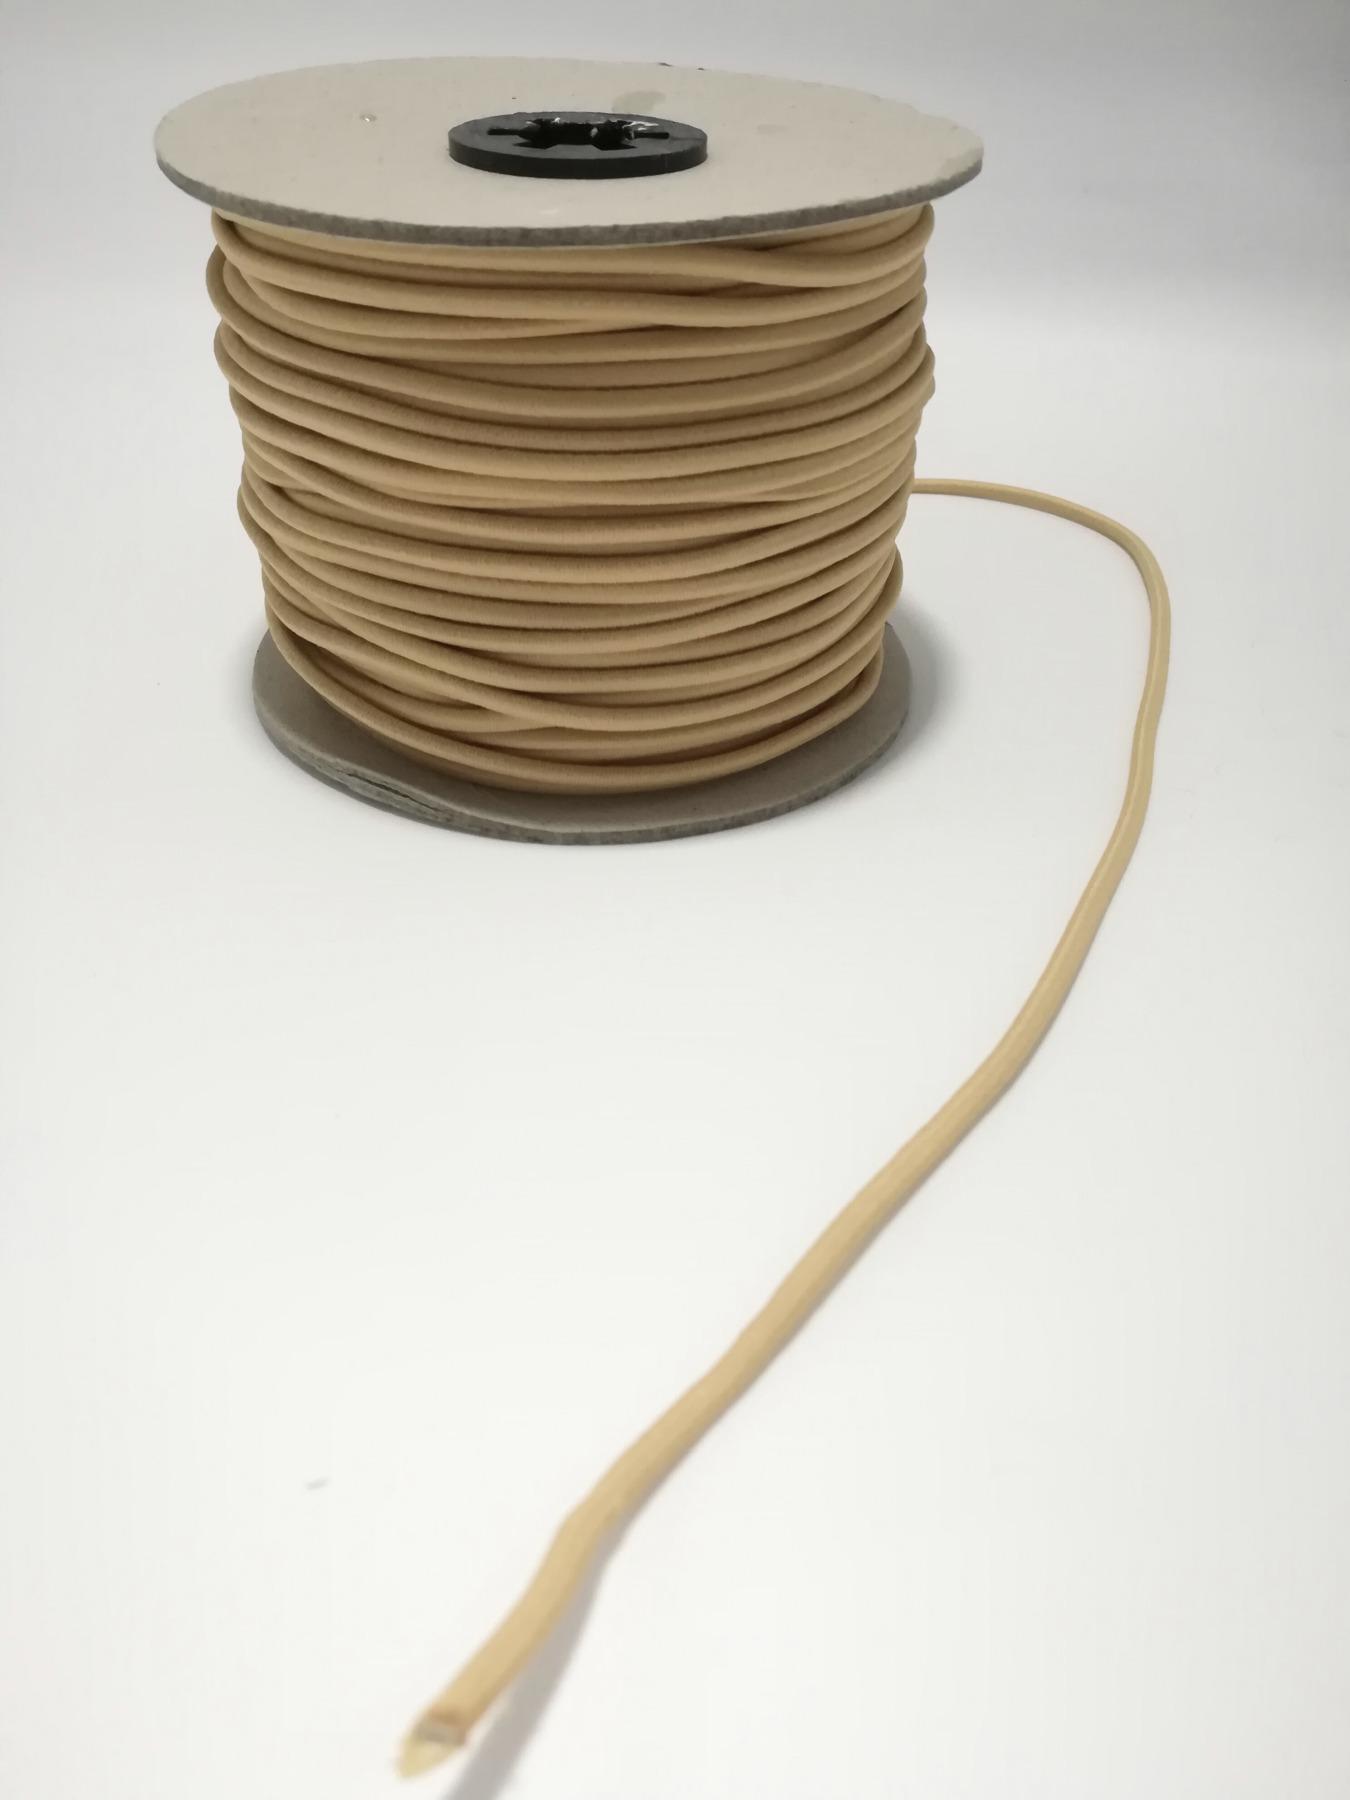 Rundgummi aus Kunstseide 1 Meter -